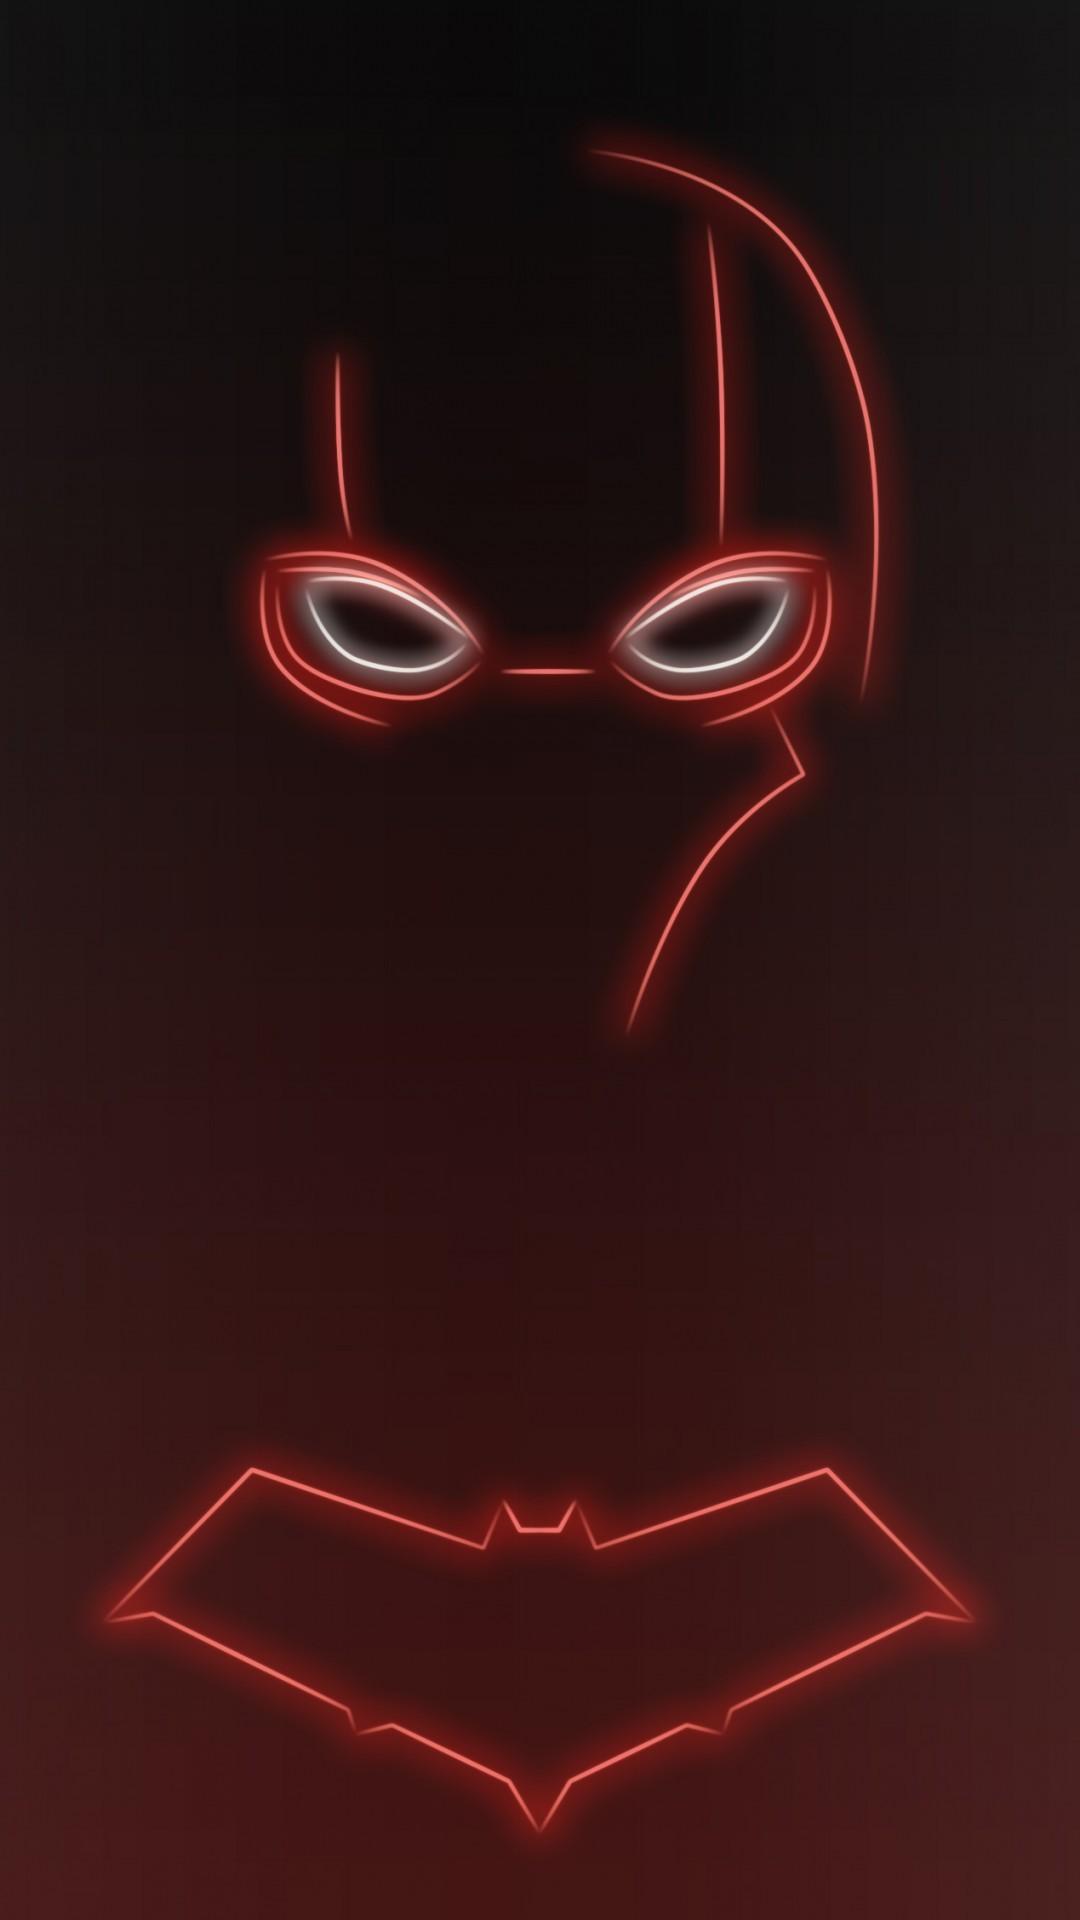 Download Neon Light Red Hood 1080 x 1920 Wallpapers – 4644320 – neon light  superhero comics